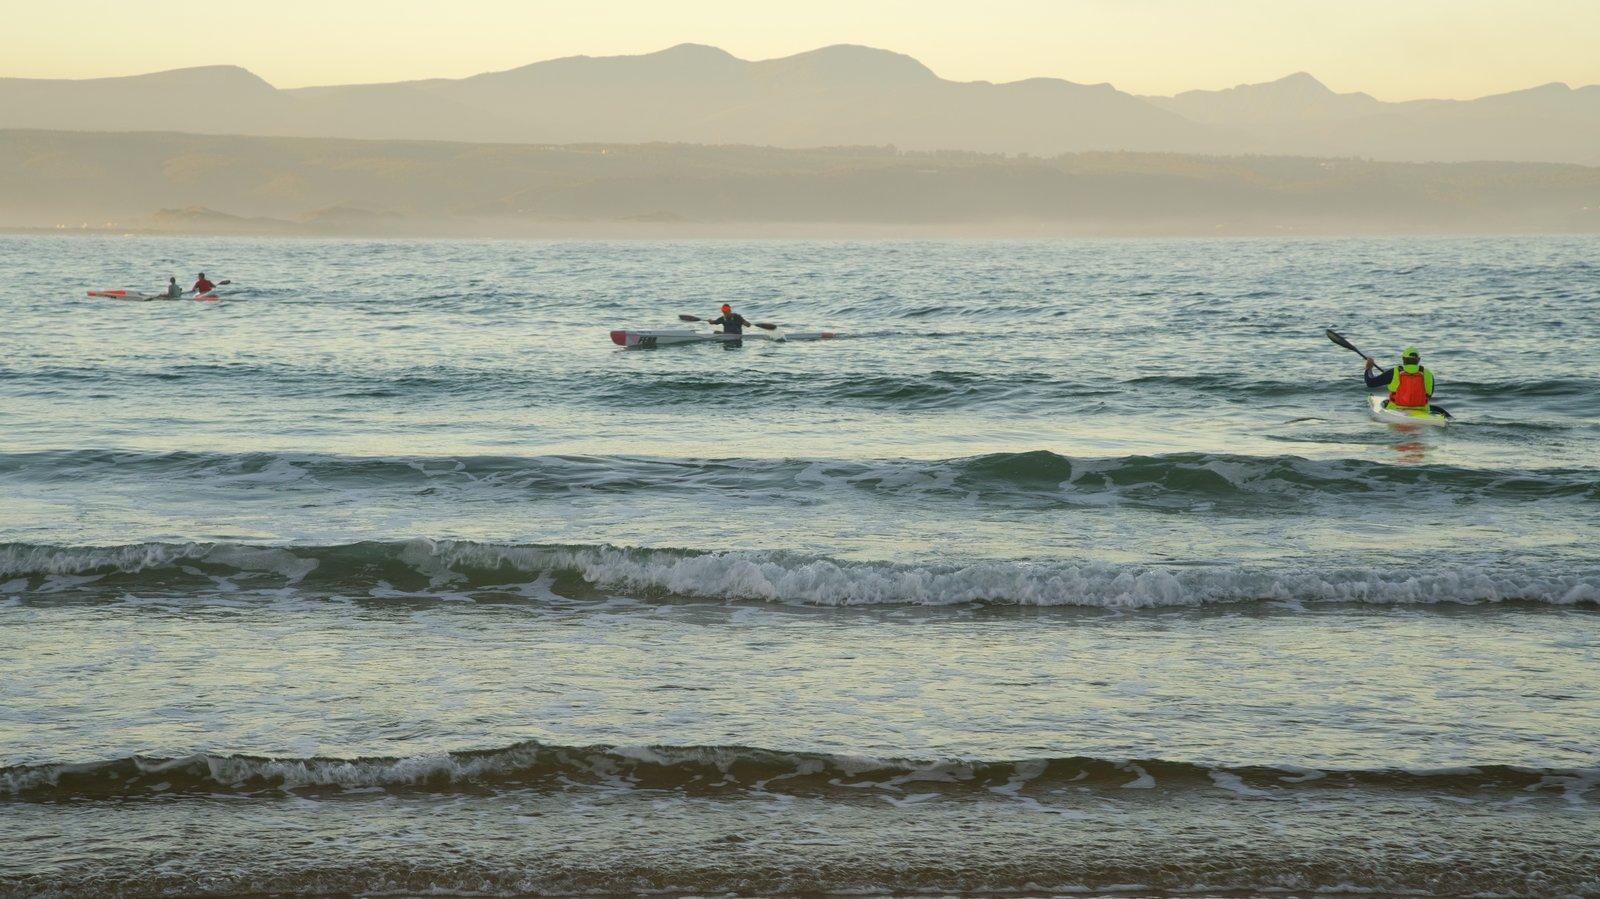 Praia da Baía Plettenberg mostrando uma praia e caiaque ou canoagem assim como um pequeno grupo de pessoas